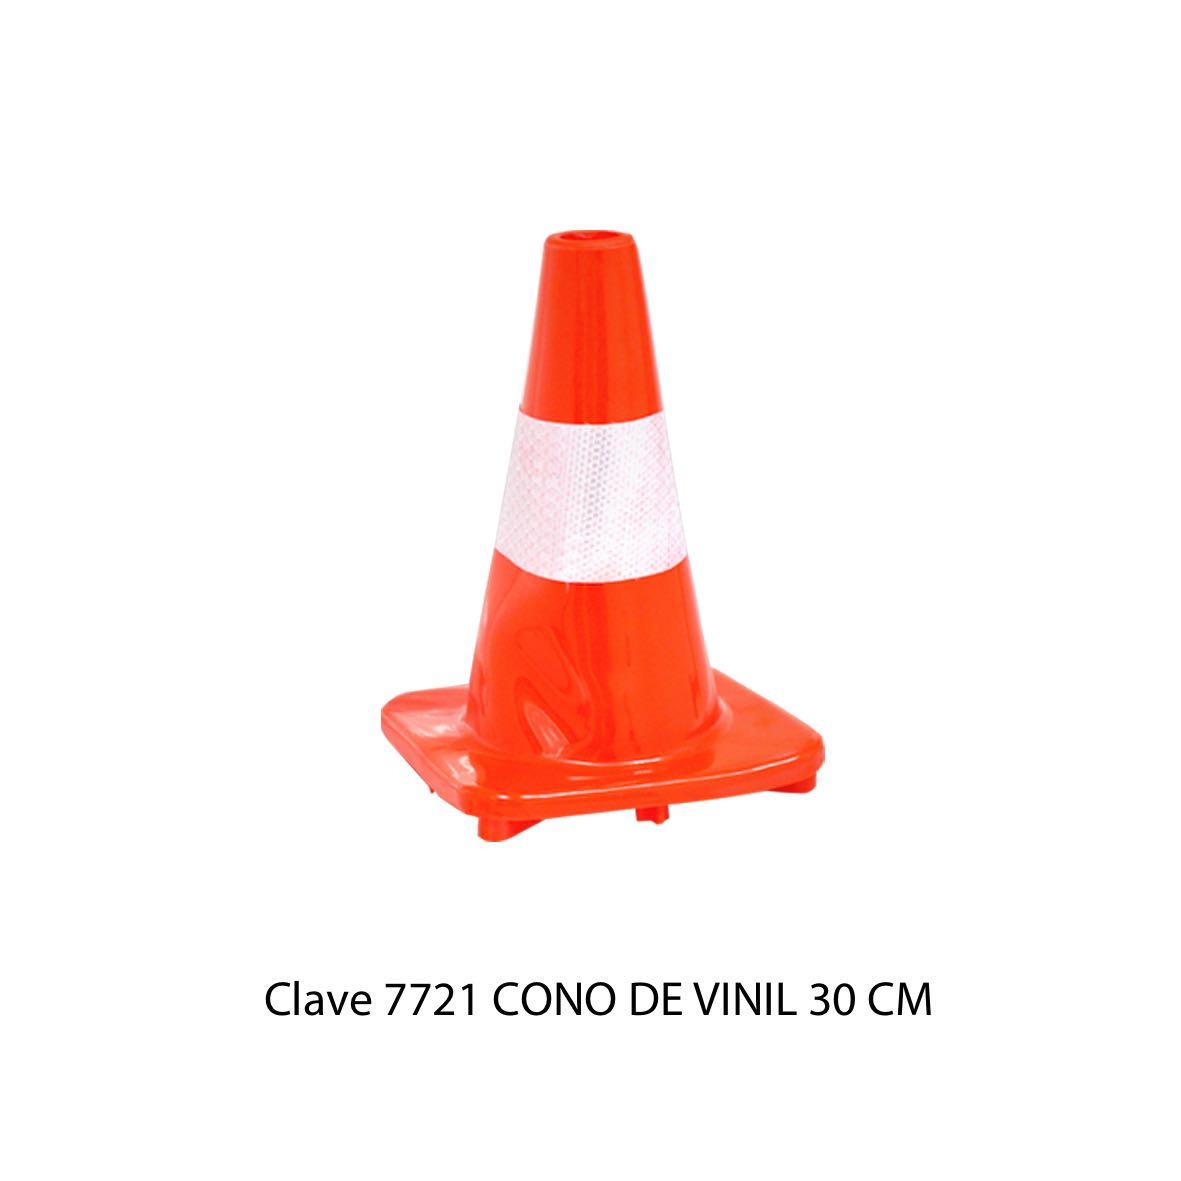 Cono de vinil de 30 cm Modelo 7721 - Sablón